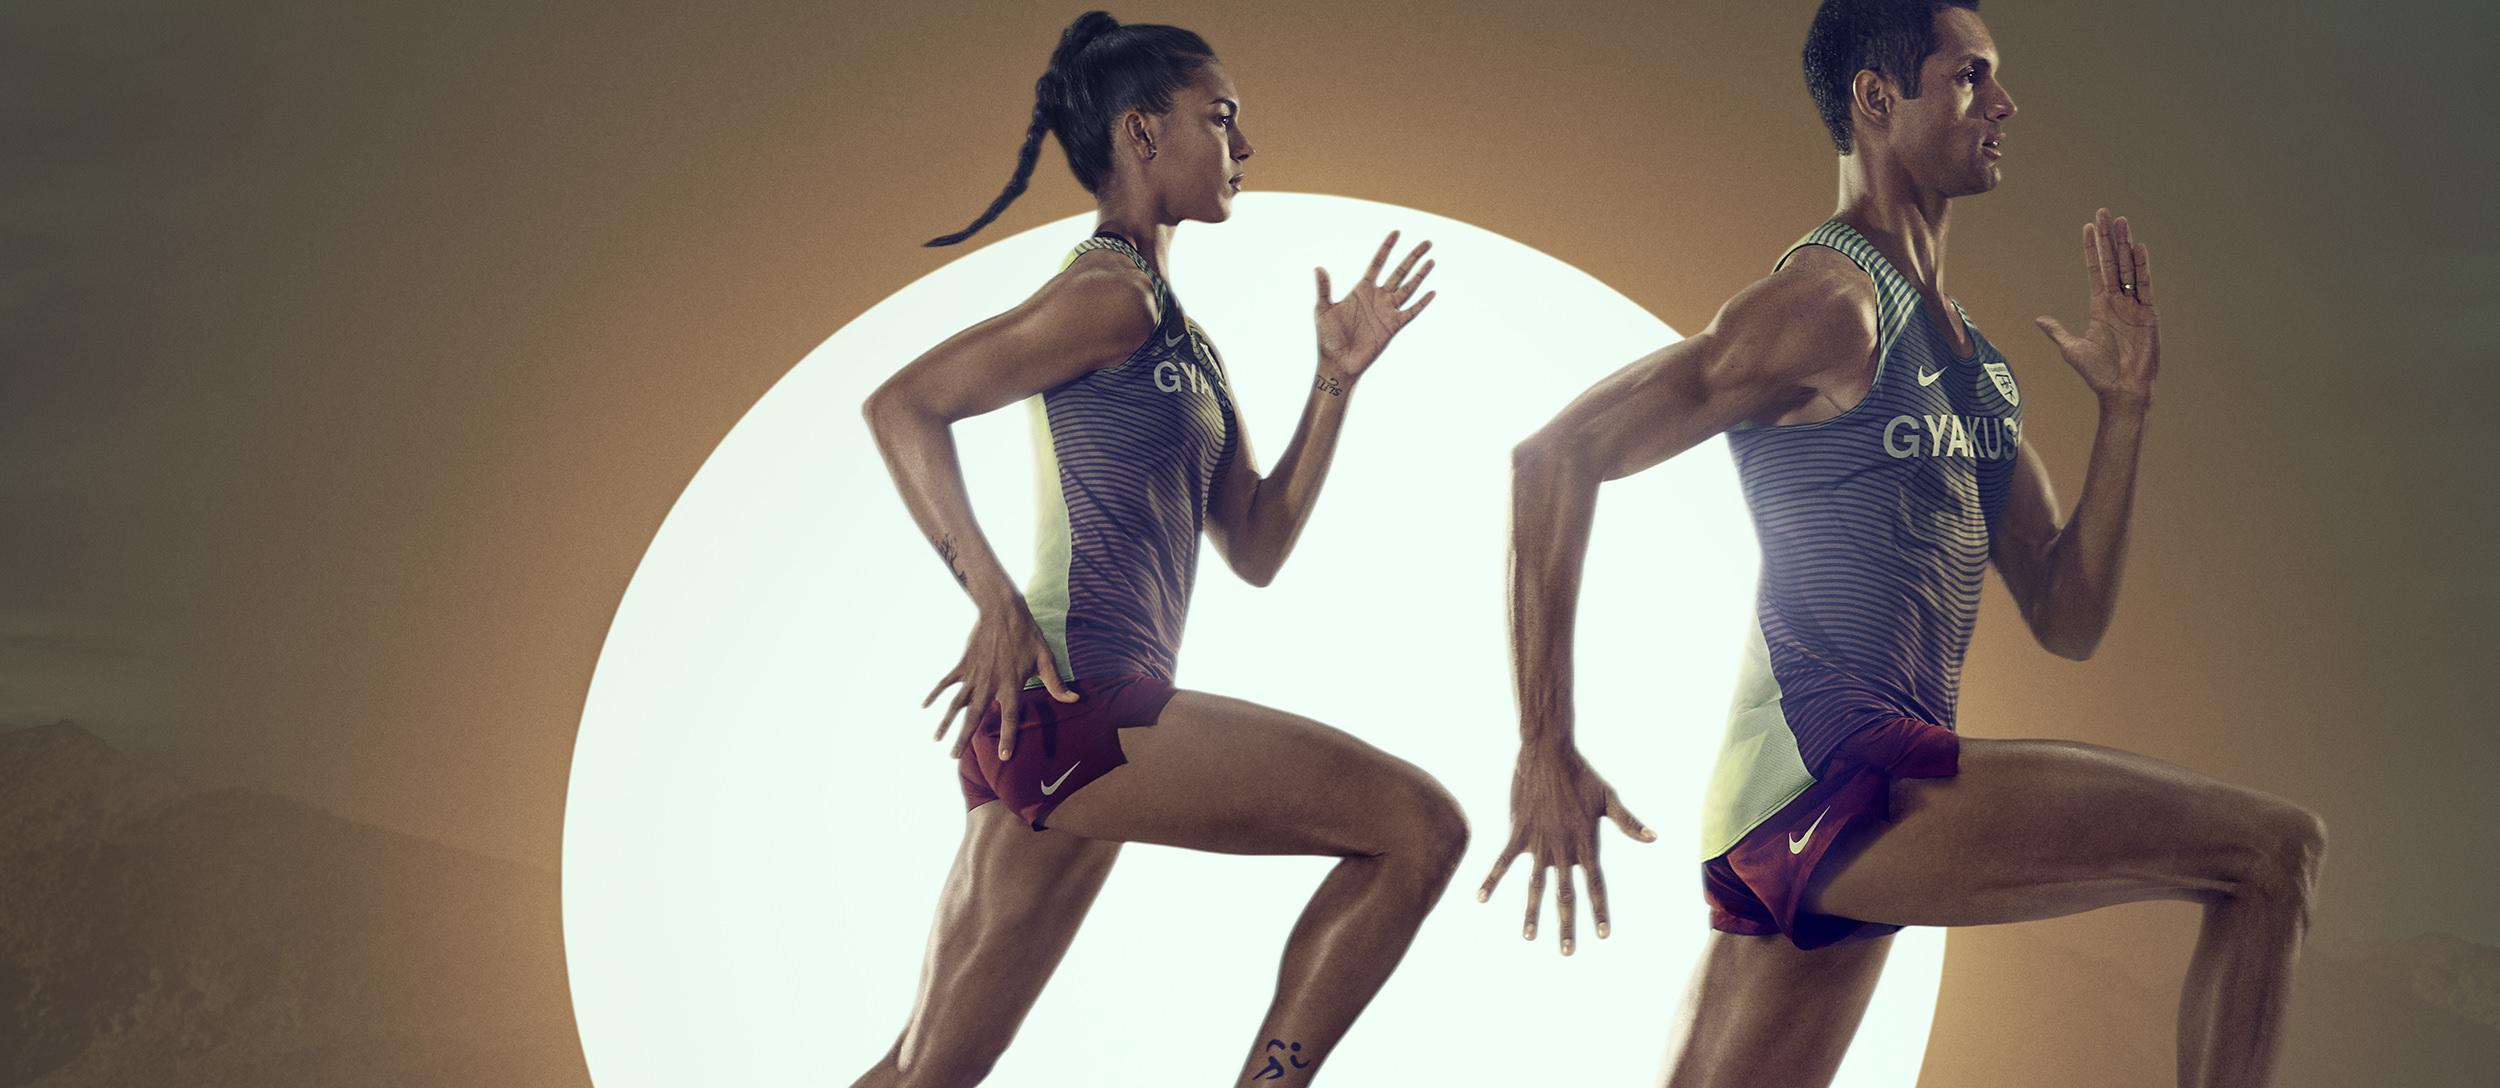 NikeLab Gyakusou コレクション